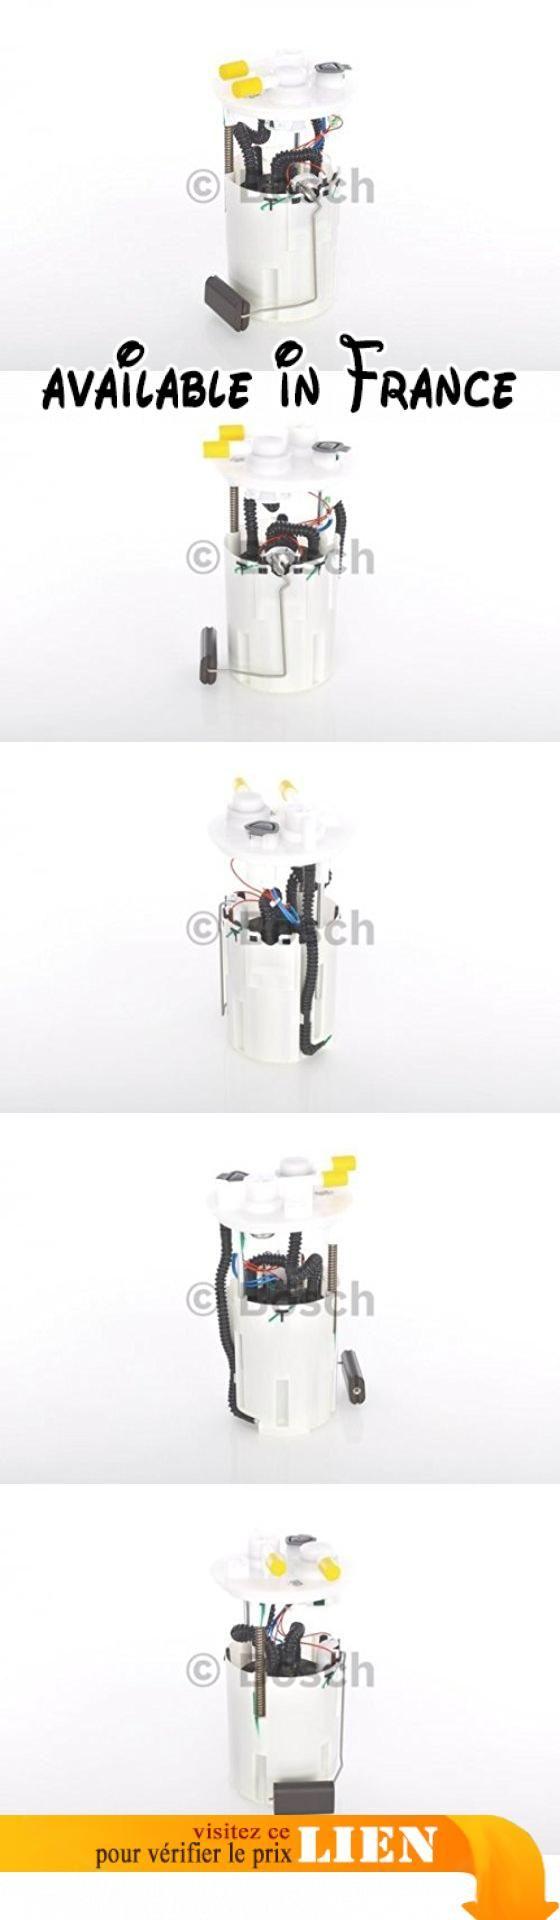 Bosch 058030F001 Montage pompe à carburant. Robert Bosch GmbH AUTOMOBILE pièces de rechange. BOSCH 058030F001 unité de fixation de pompe à carburant. 058030F001 BON #Automotive Parts and Accessories #AUTO_PART